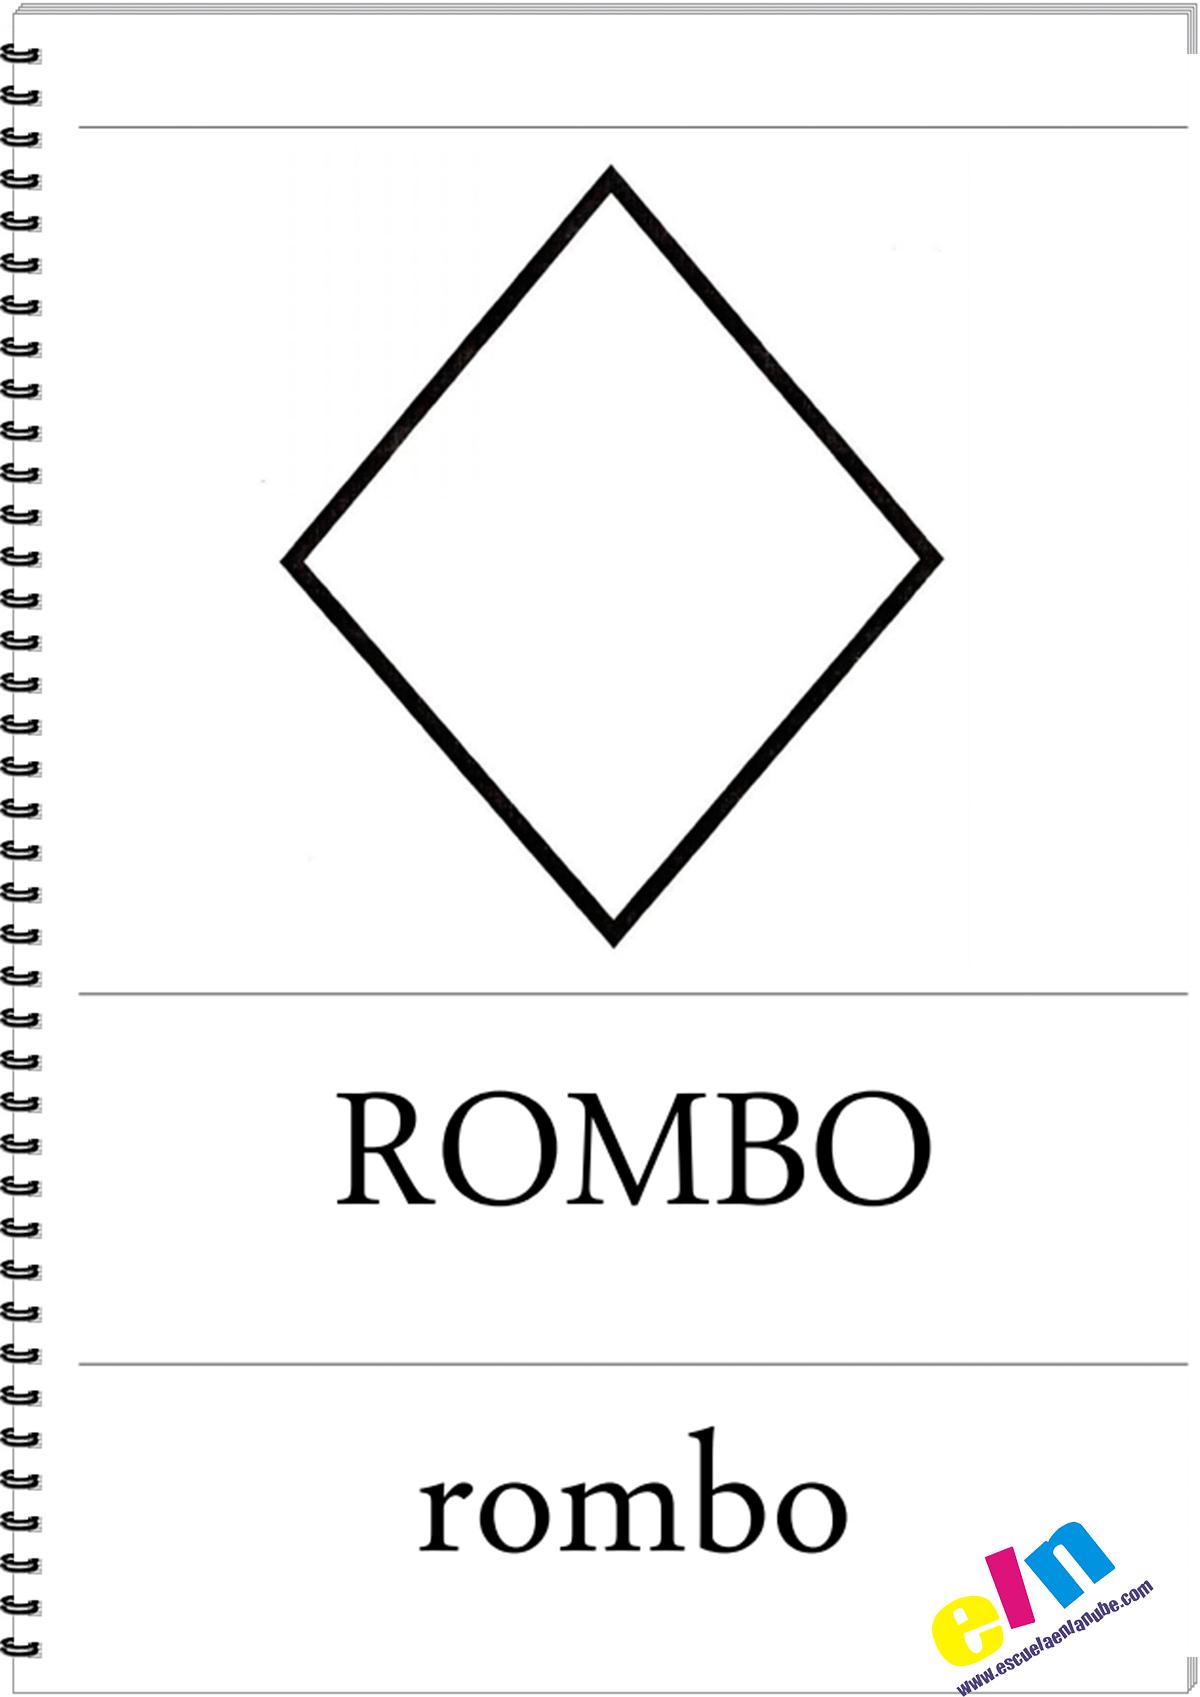 El libro de las formas geométricas